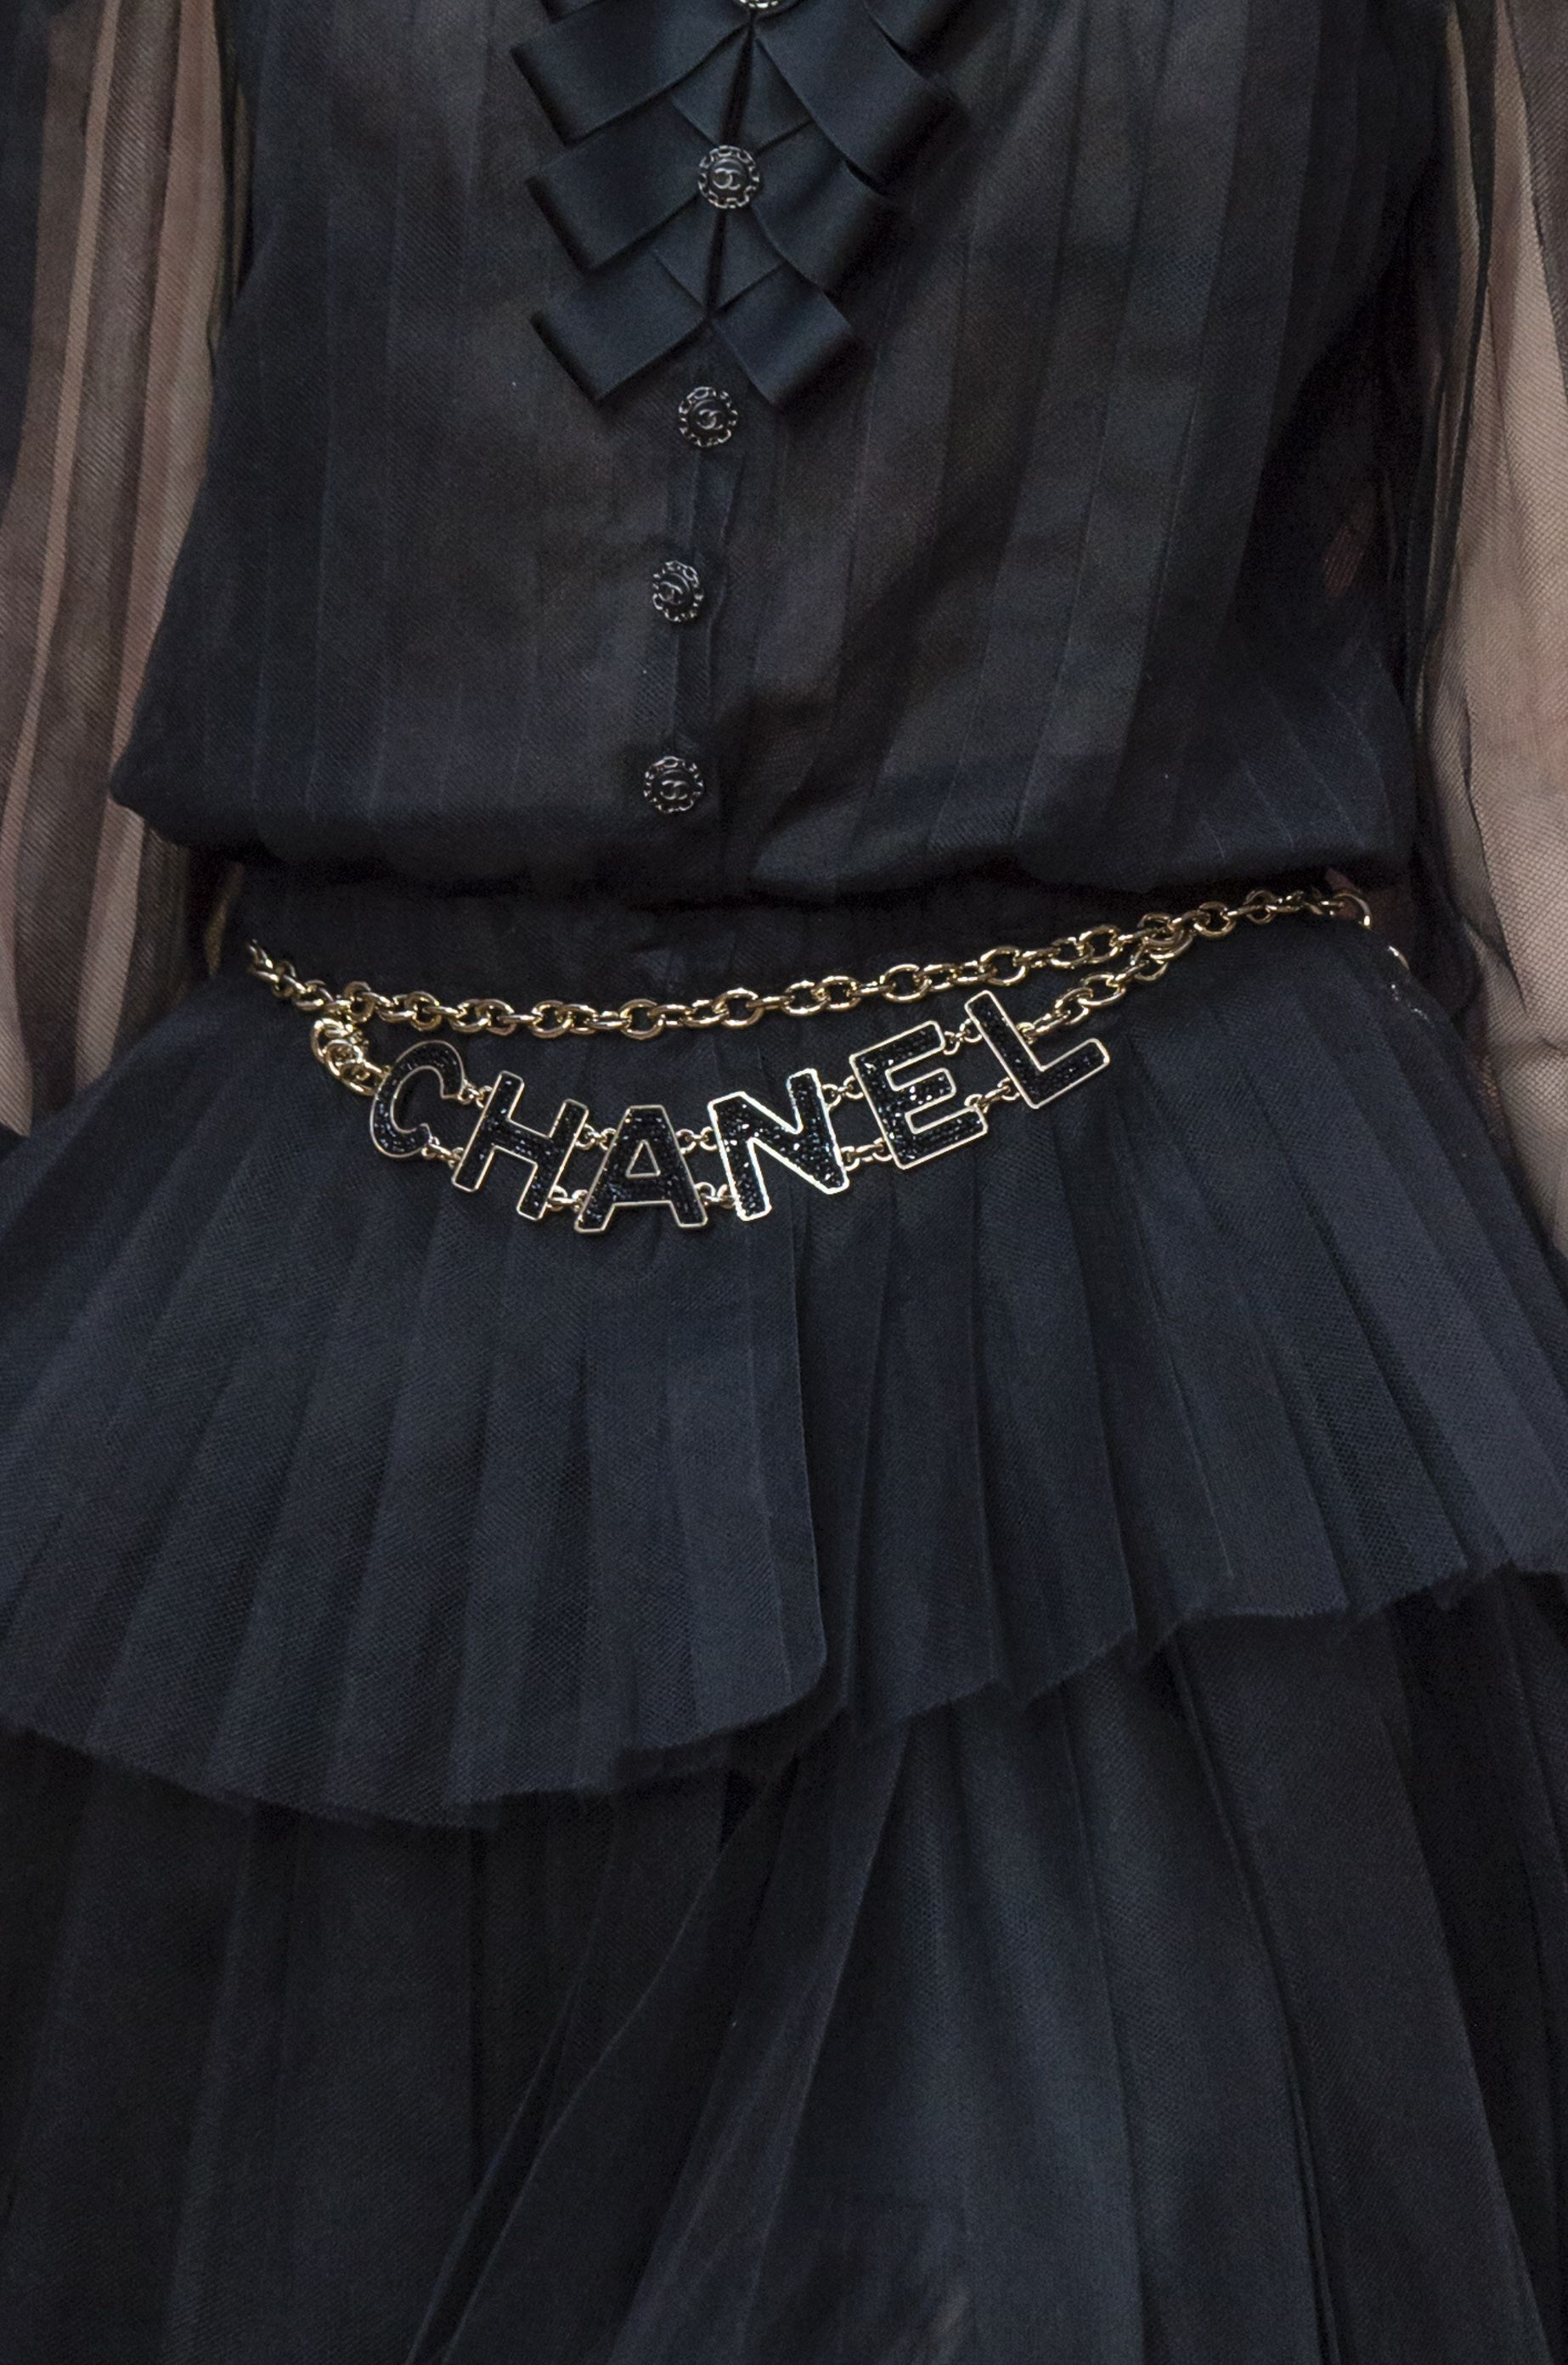 a basso prezzo 4f523 0457b Tendenza Cinture 2018: la cintura di Chanel o le maxi di Miu ...